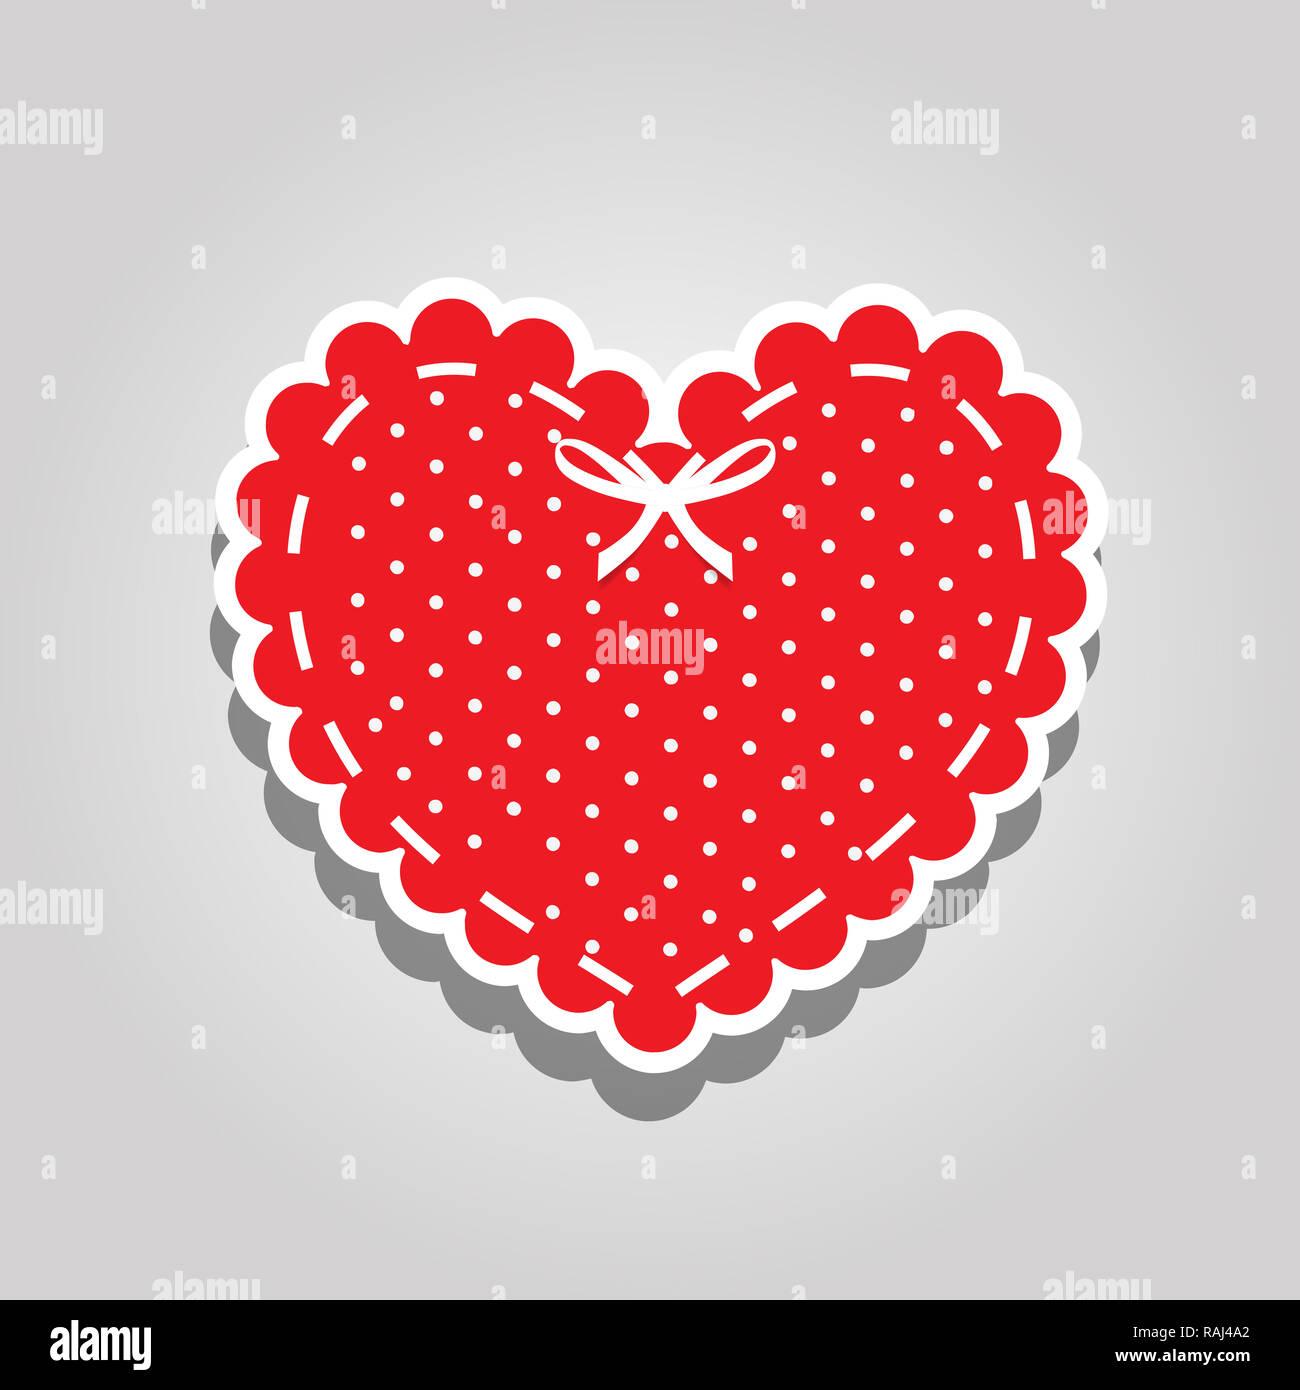 Coeur rouge avec motif à pois blanc, laçage et ruban isolé sur fond blanc. Élément de design d'album. Amour Saint Valentin ou sti mariage Photo Stock